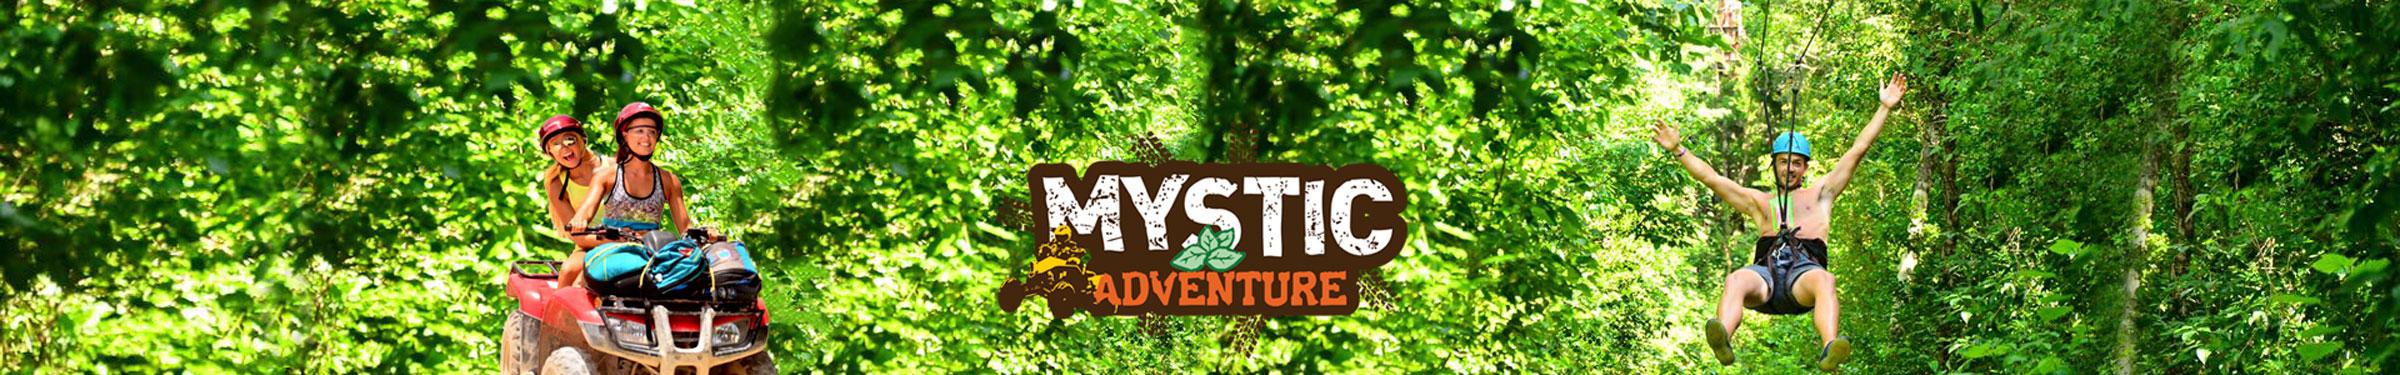 Mystic adventure tulum banner